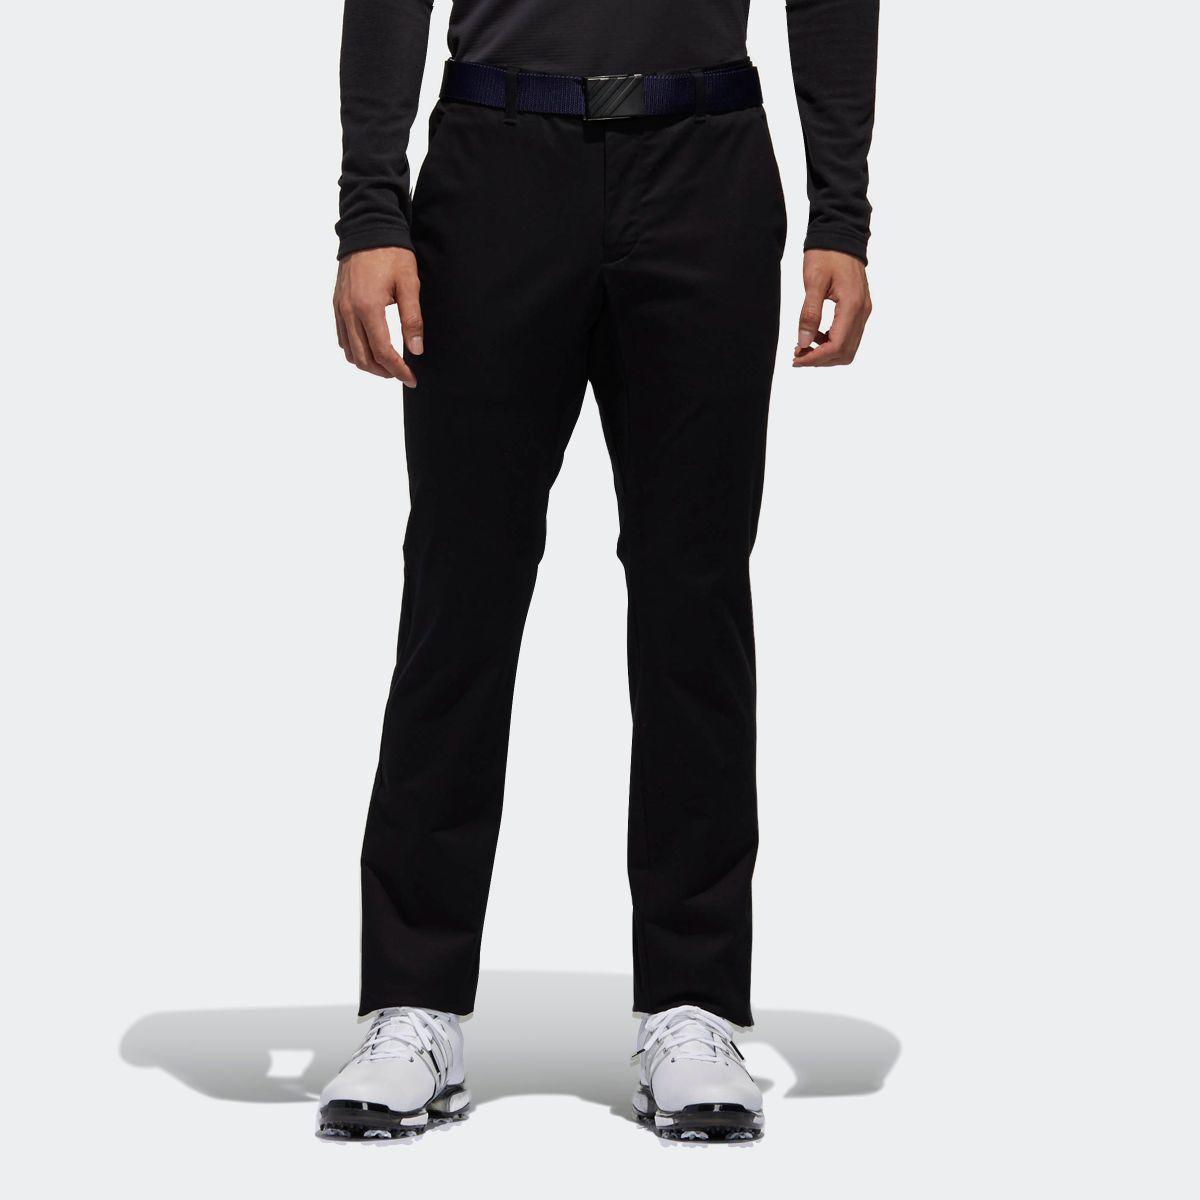 【公式】アディダス adidas ベーシックストレッチパンツ 【ゴルフ】 メンズ ゴルフ ウェア ボトムス パンツ DW7647